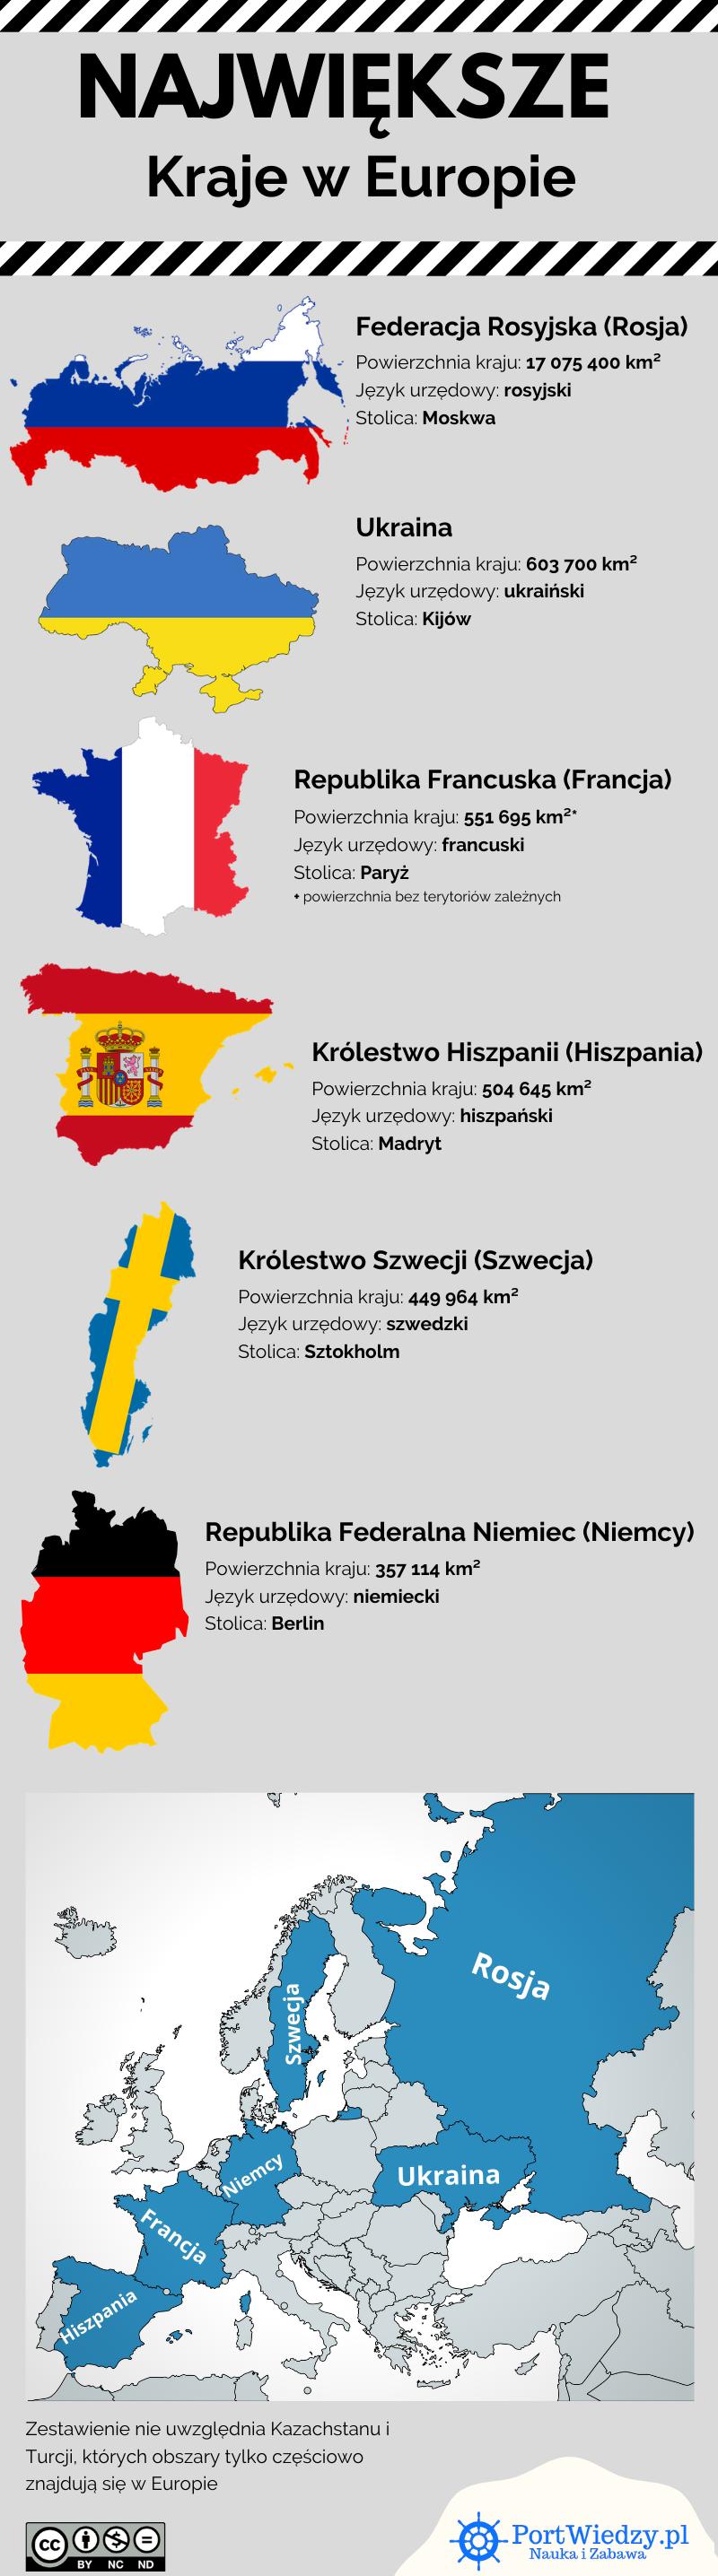 portwiedzy najwieksze europa infografika - portwiedzy_najwieksze_europa_infografika